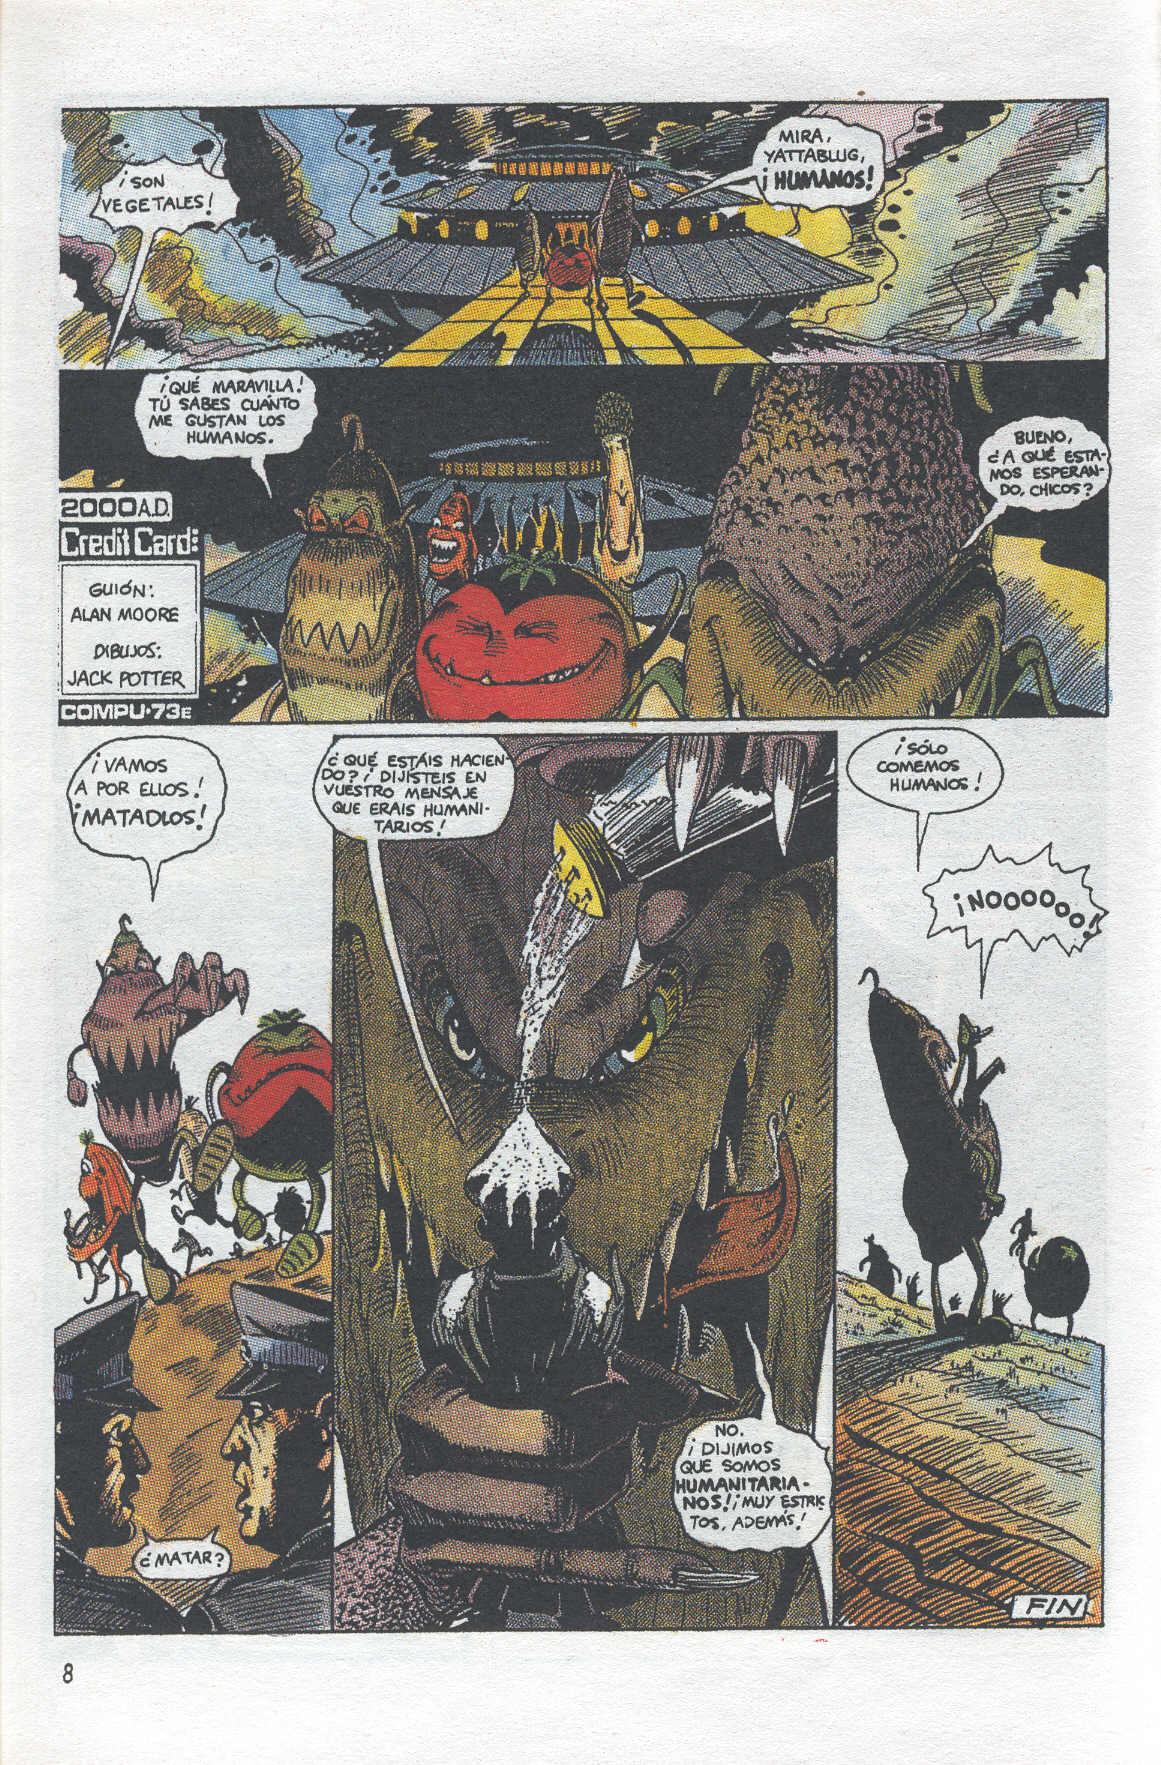 tiempo cero la ensalada 2000 a.d. comics